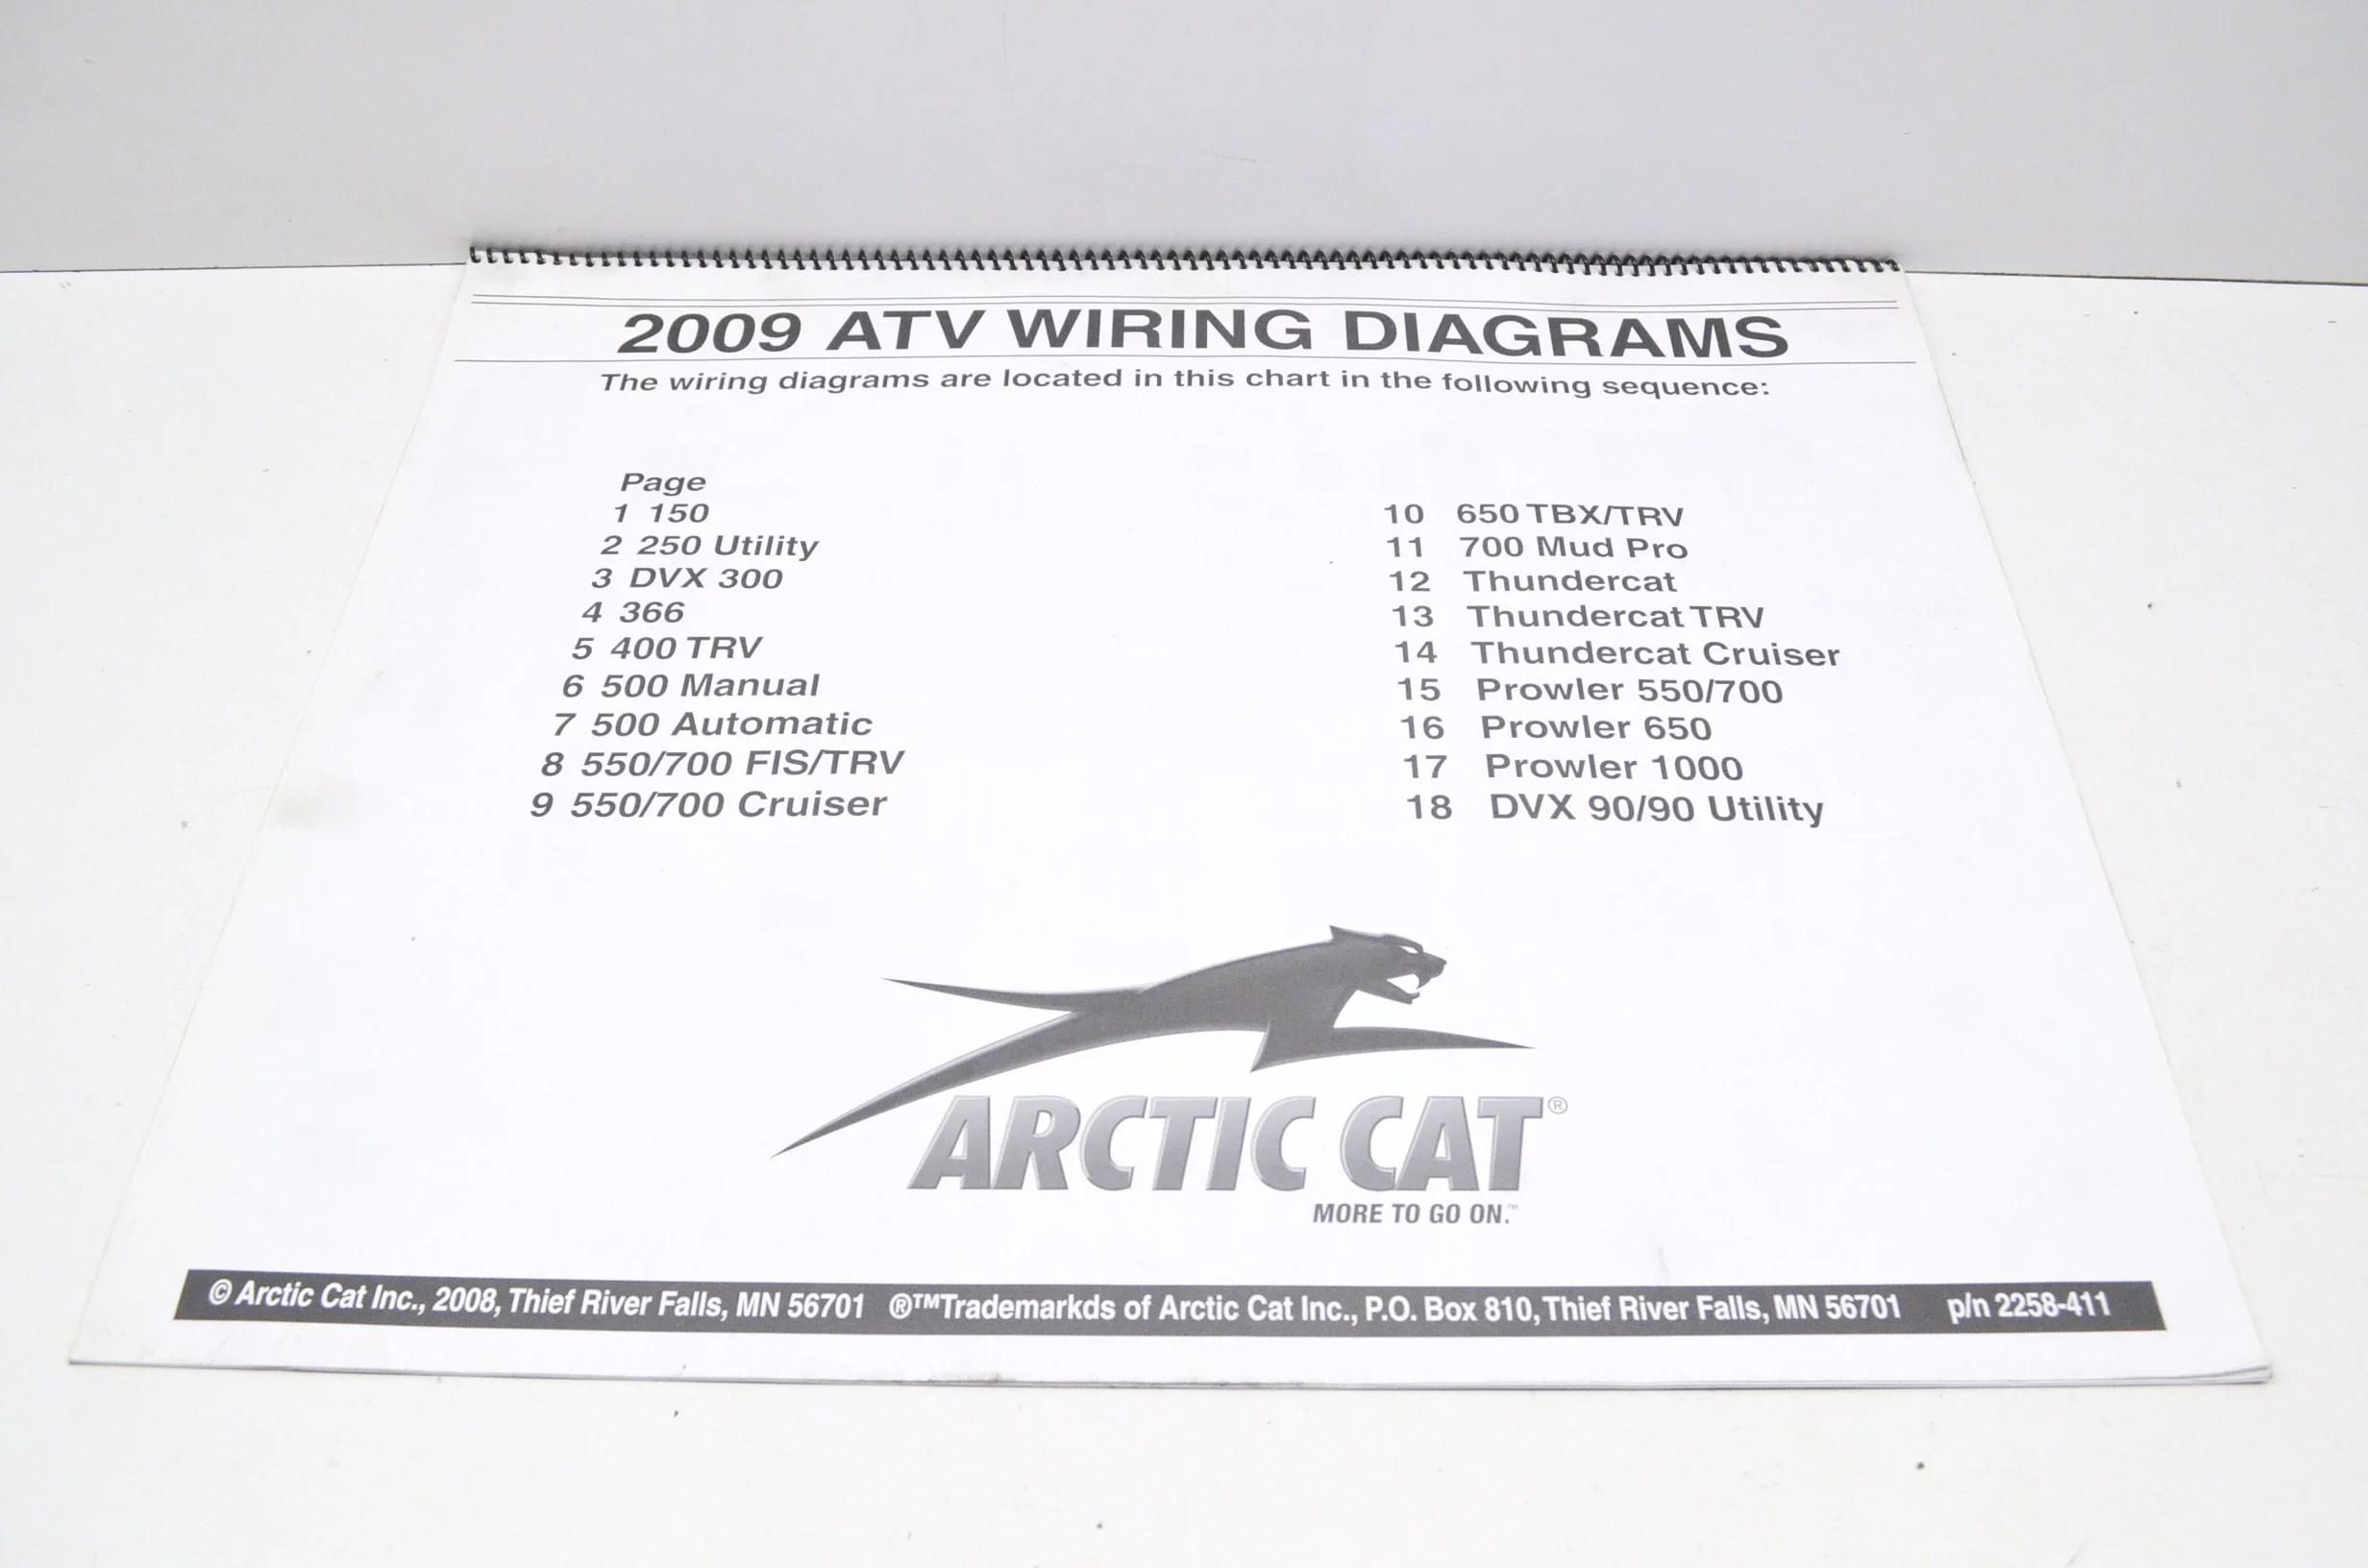 medium resolution of arctic cat 2258 411 2009 atv wiring diagrams qty 1 walmart com rh walmart com 2001 arctic cat 400 4x4 wiring diagram wiring diagram 1999 arctic cat 500